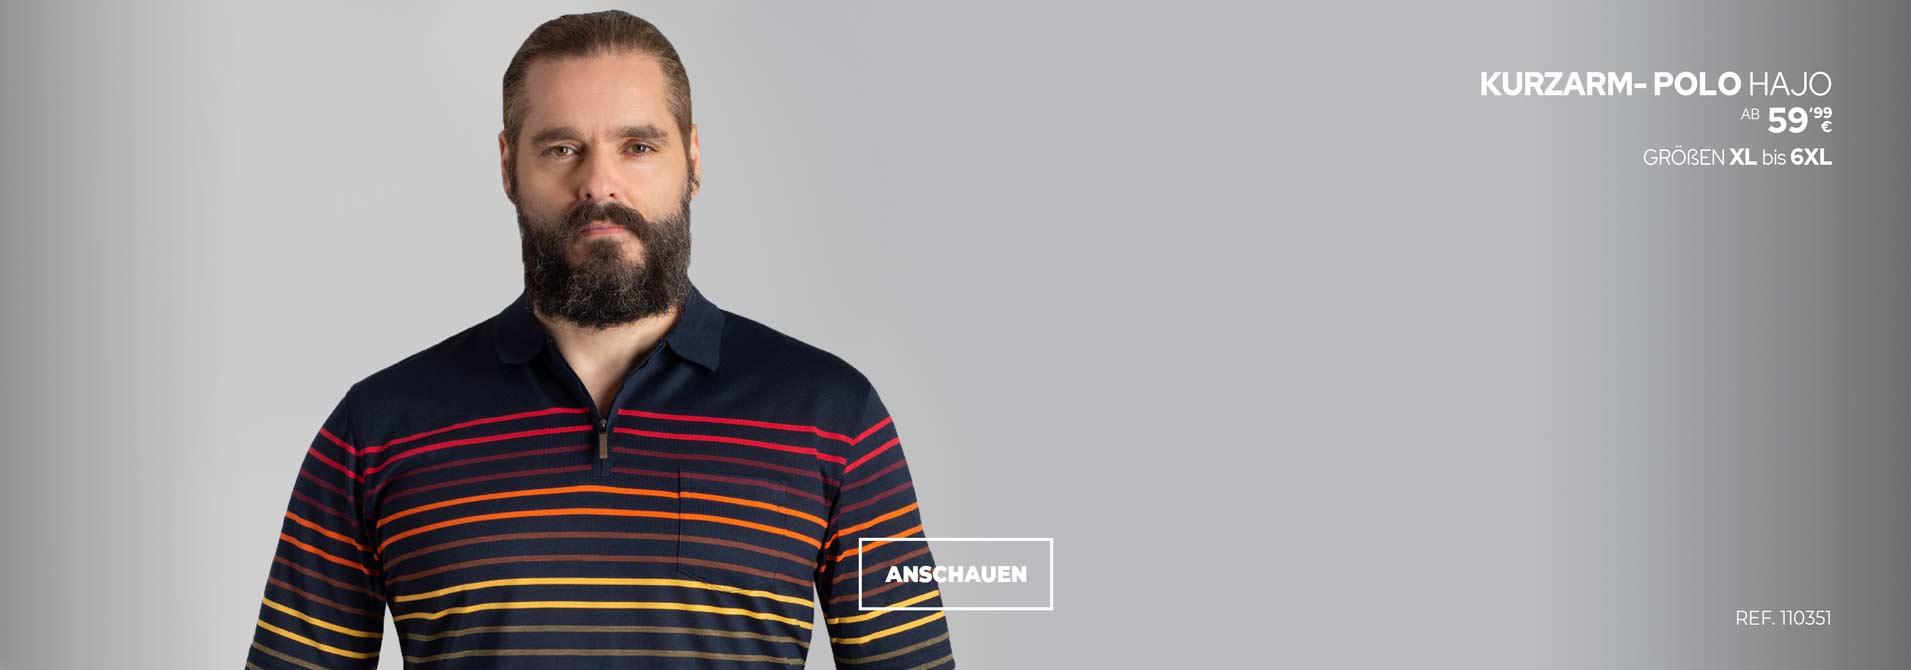 Übergrößen Poloshirt von Hajo